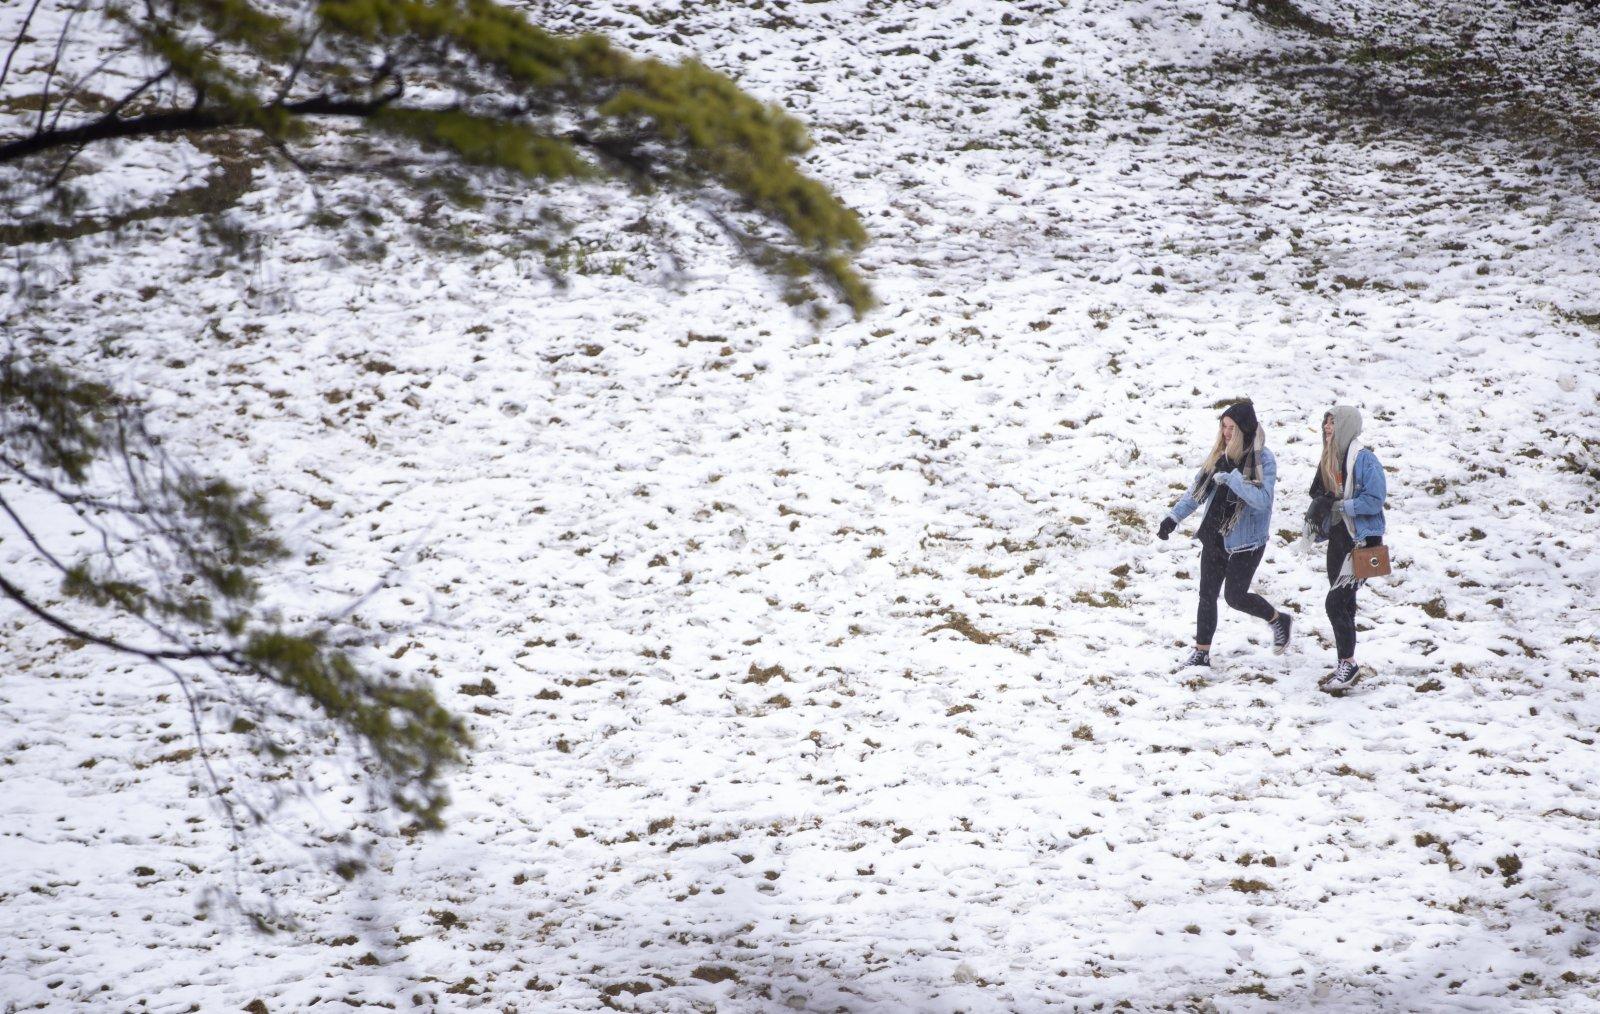 6月10日,人們在澳大利亞新南威爾士州藍山地區冒雪出行。(新華社)